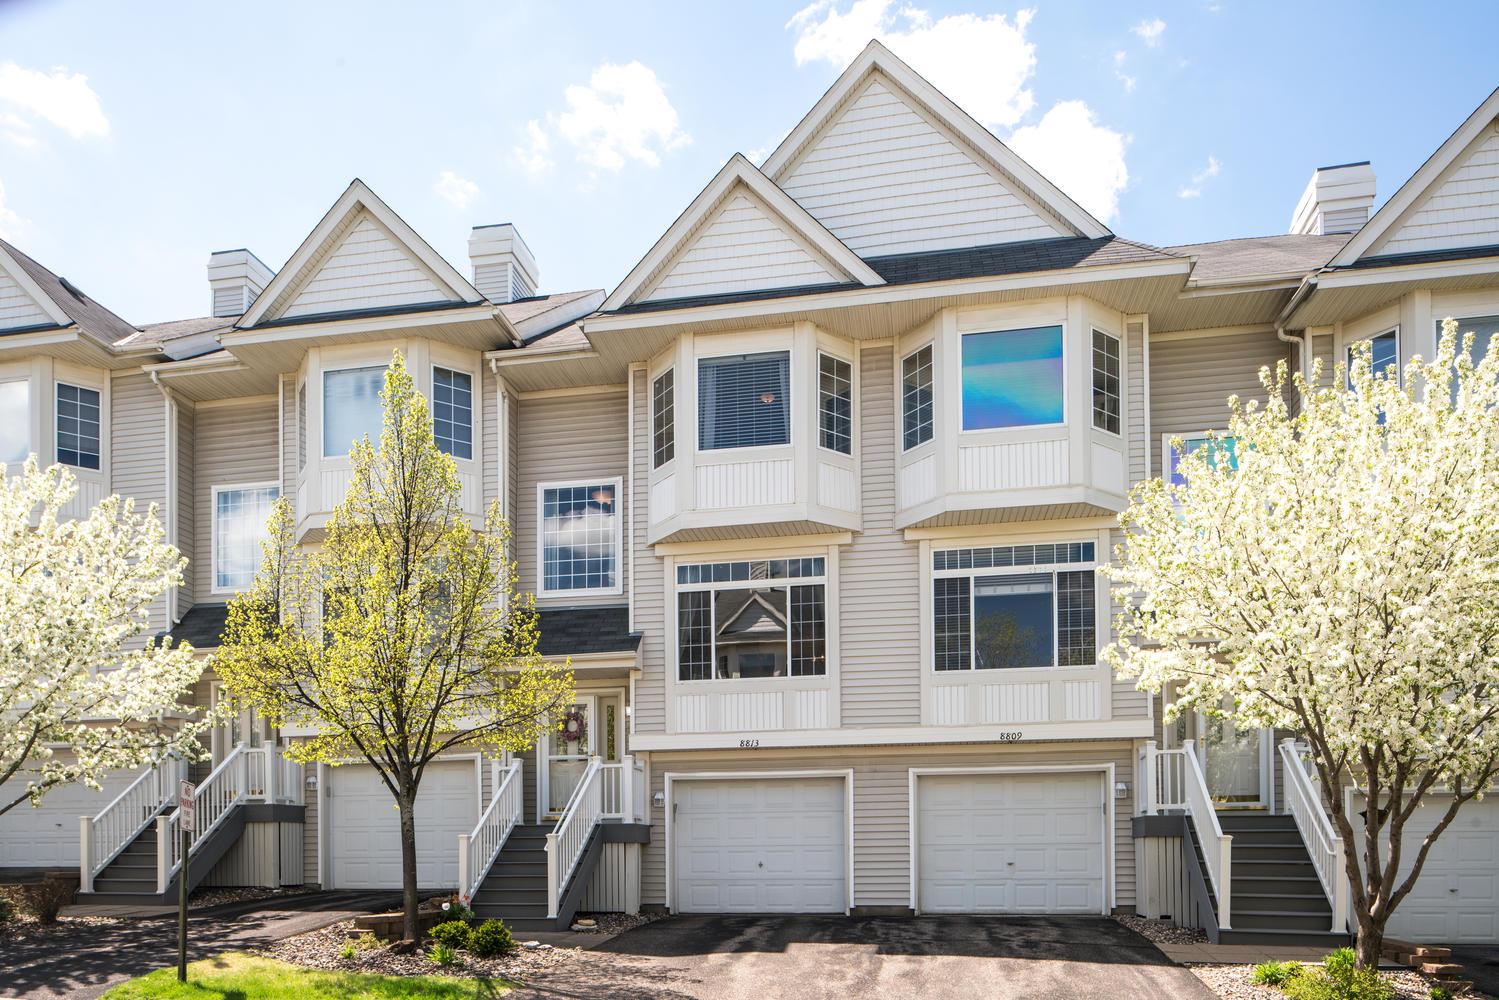 联栋屋 为 销售 在 8813 Brunell Way 因弗格罗韦海茨, 明尼苏达州, 55076 美国